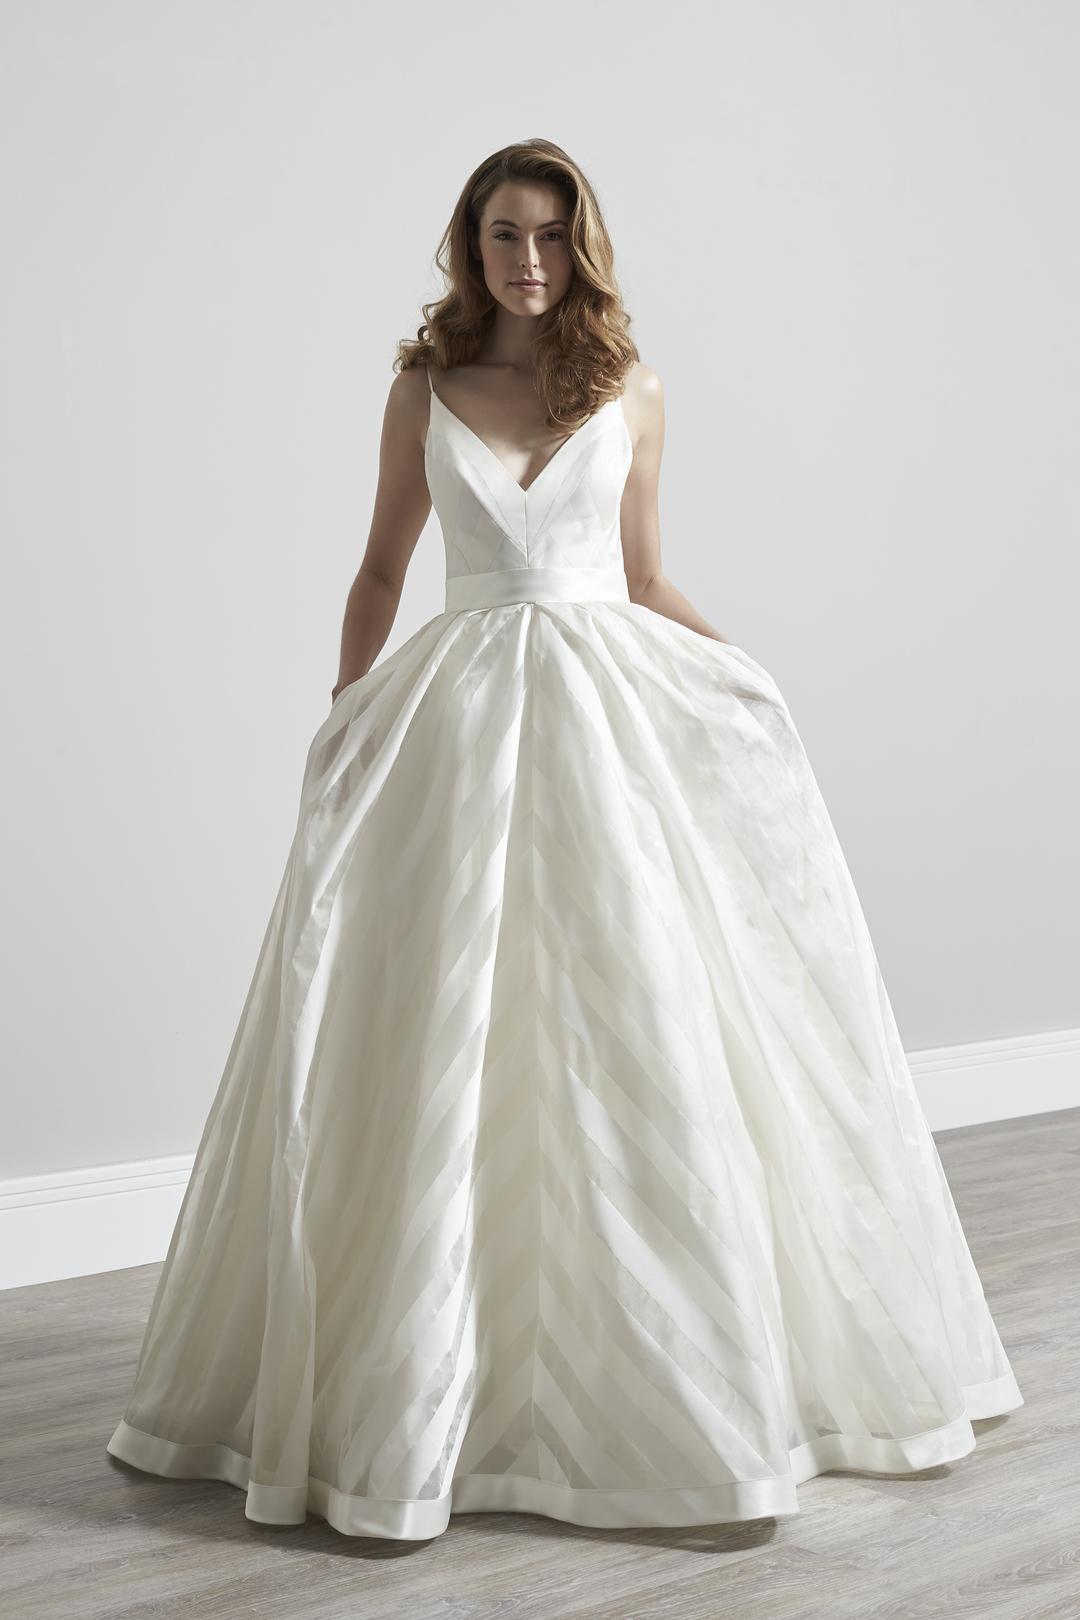 lydia dress photo